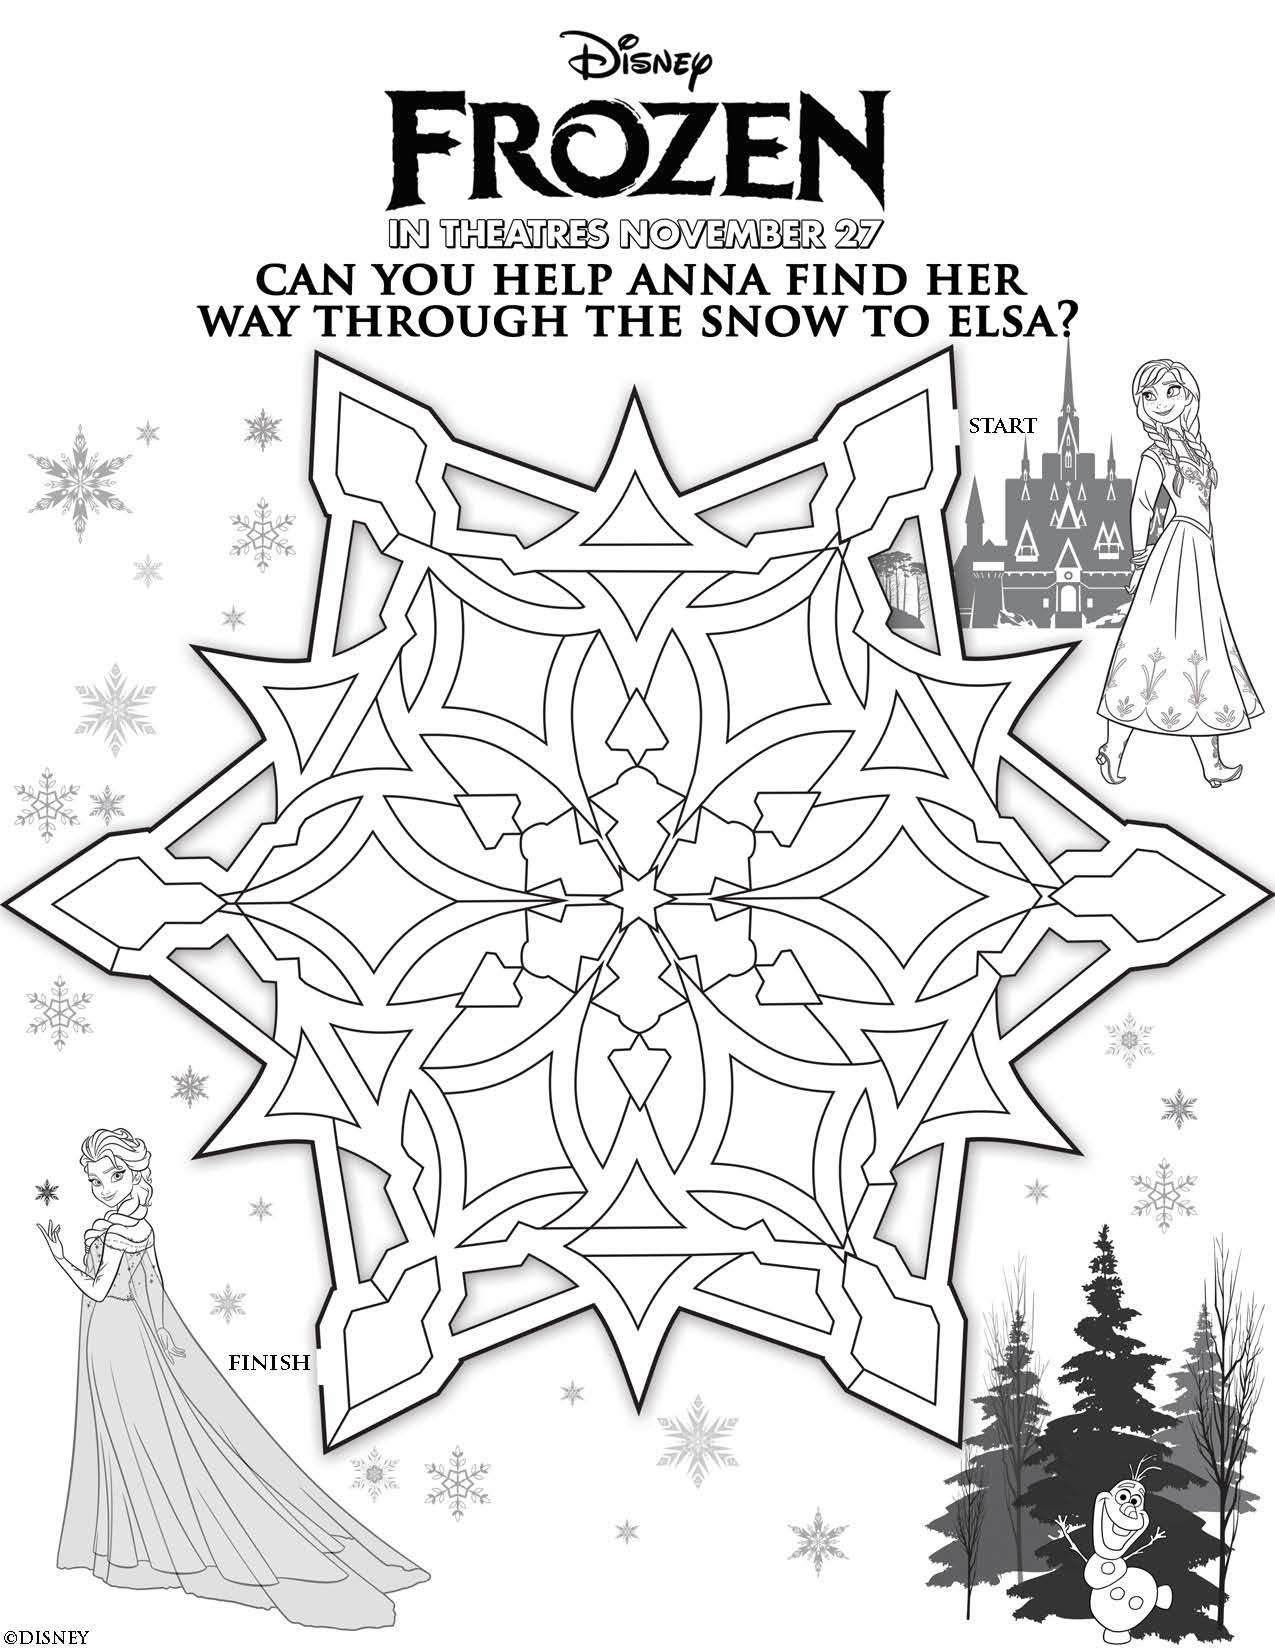 Frozen Disney Activity Kit Snowman Pdf 5279a41a98818 5279a4233982d Frozen524caf782fb72 Frozen524caf7820747